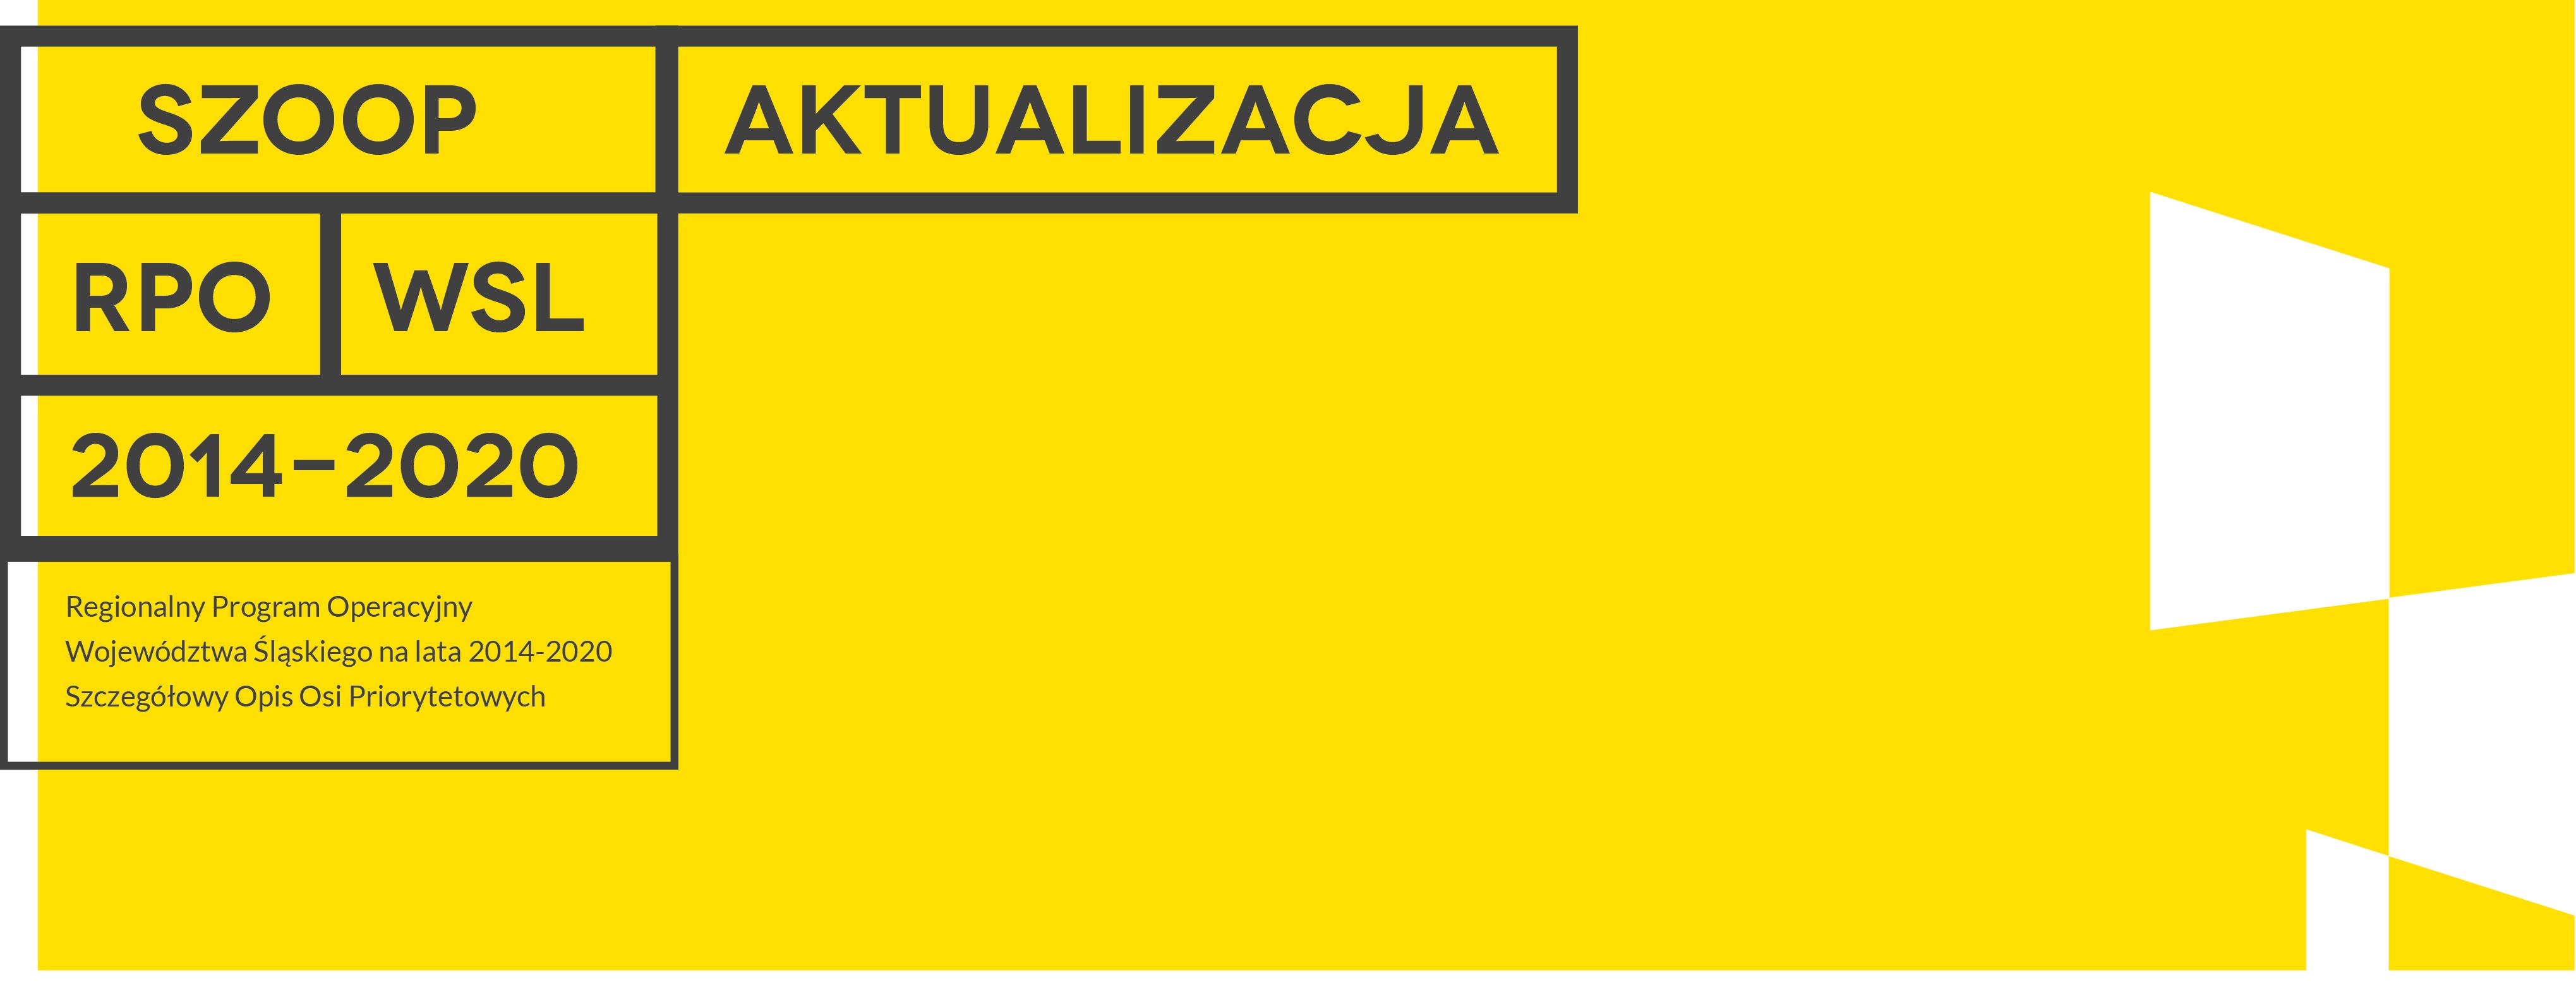 Zaktualizowany Szczegółowy Opis Osi Priorytetowych Regionalnego Programu Operacyjnego Województwa Śląskiego na lata 2014-2020 do wersji 11.0